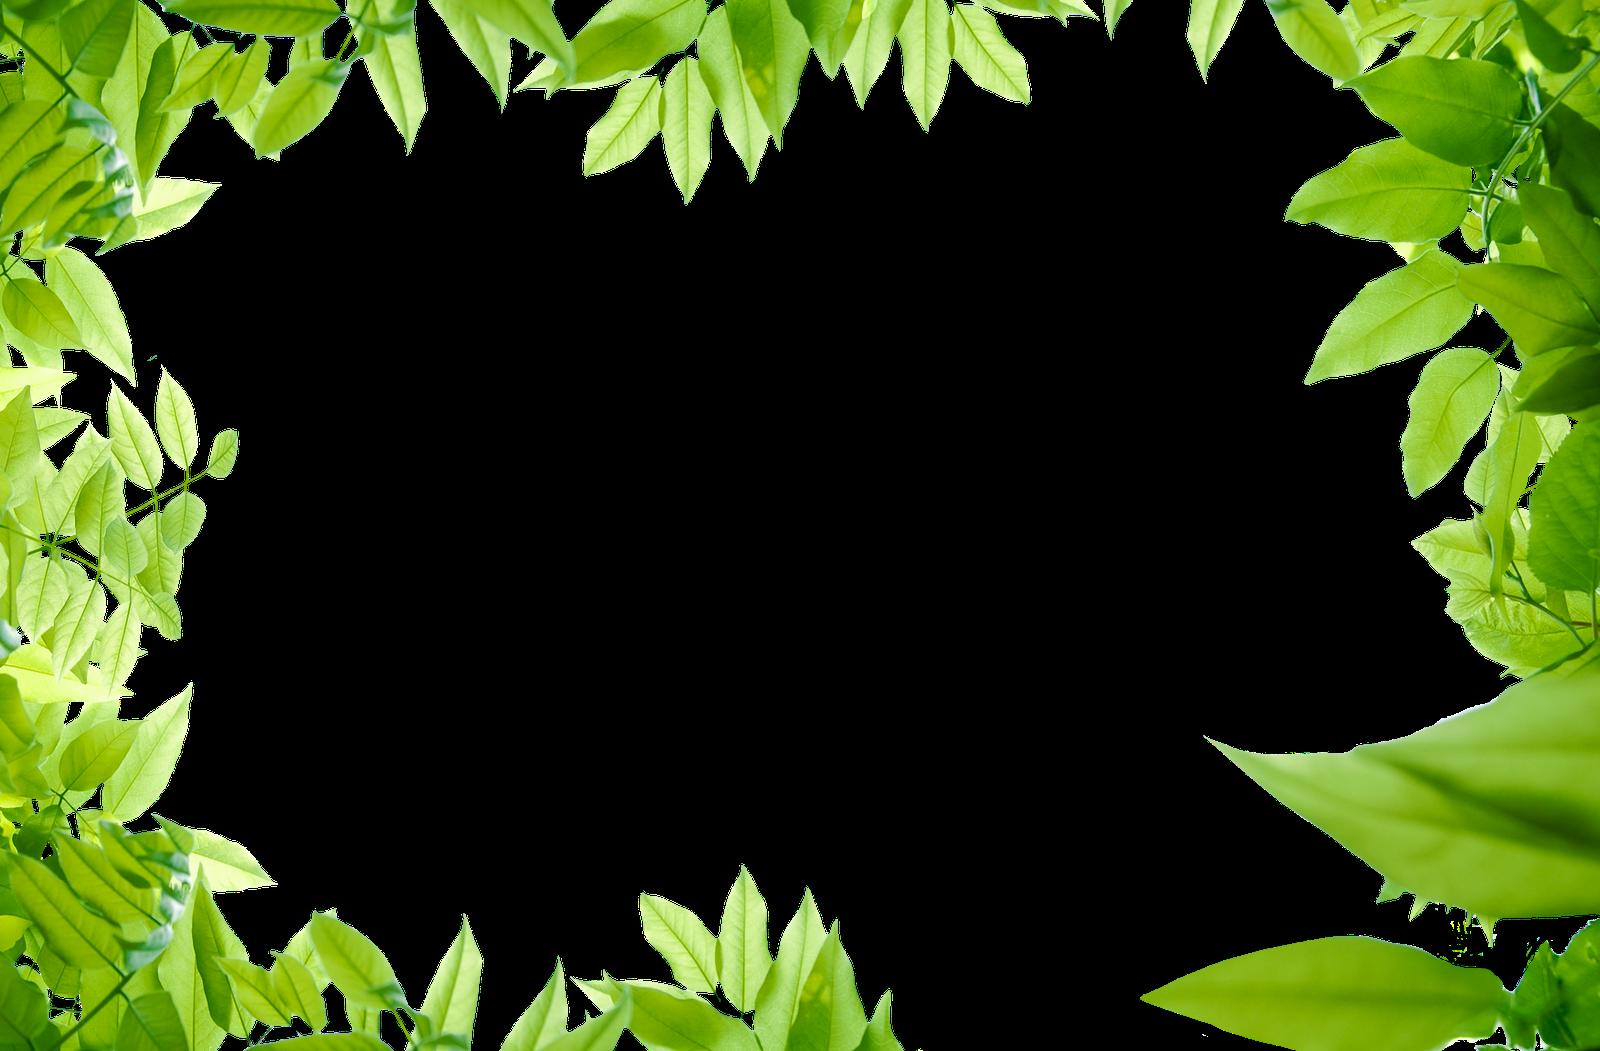 Leaves images transparent free. Leaf border png